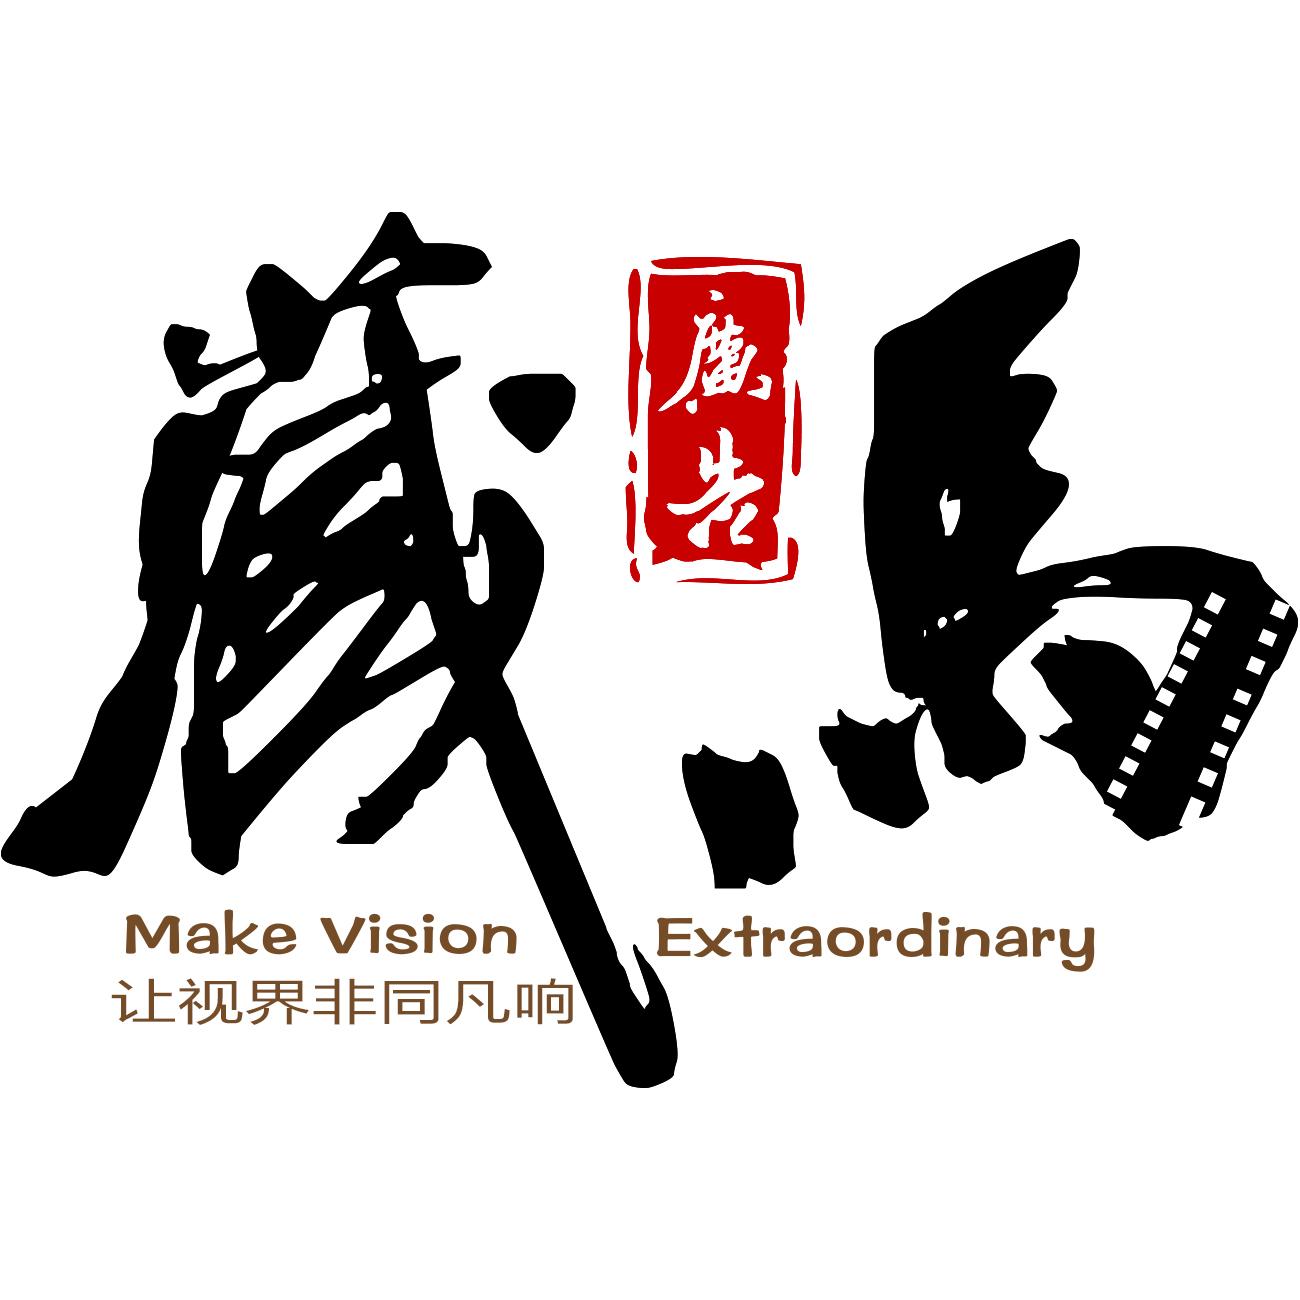 广州市藏马广告有限公司